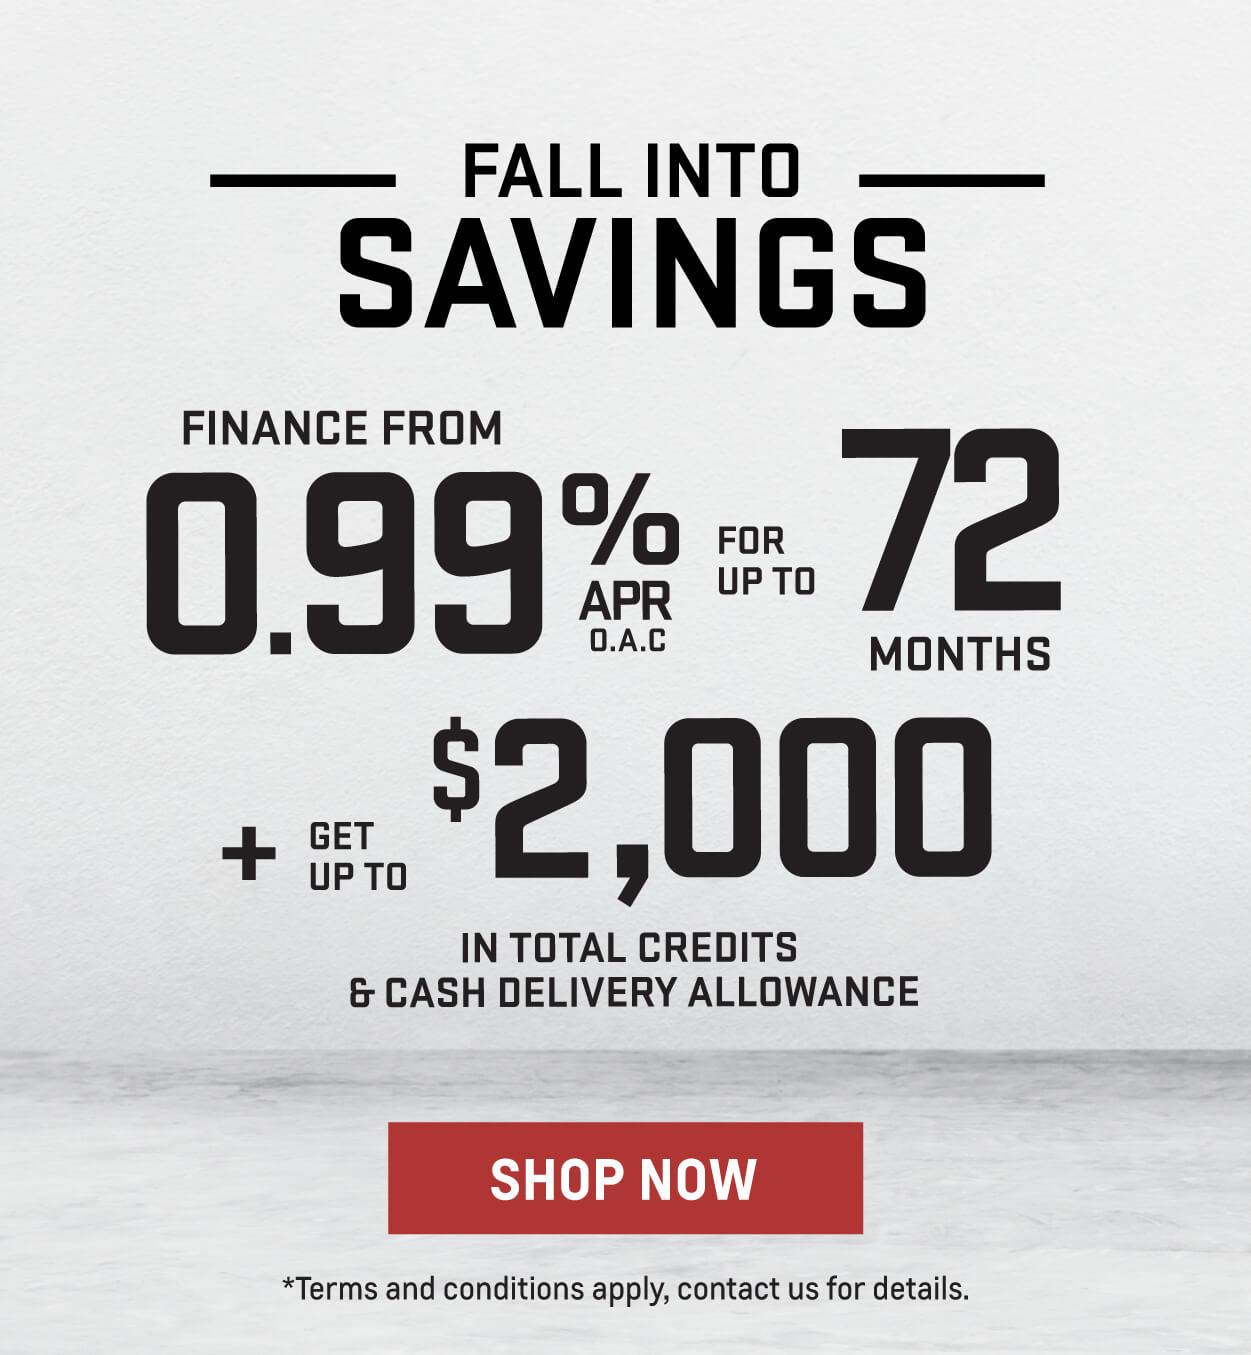 Fall into savings slider